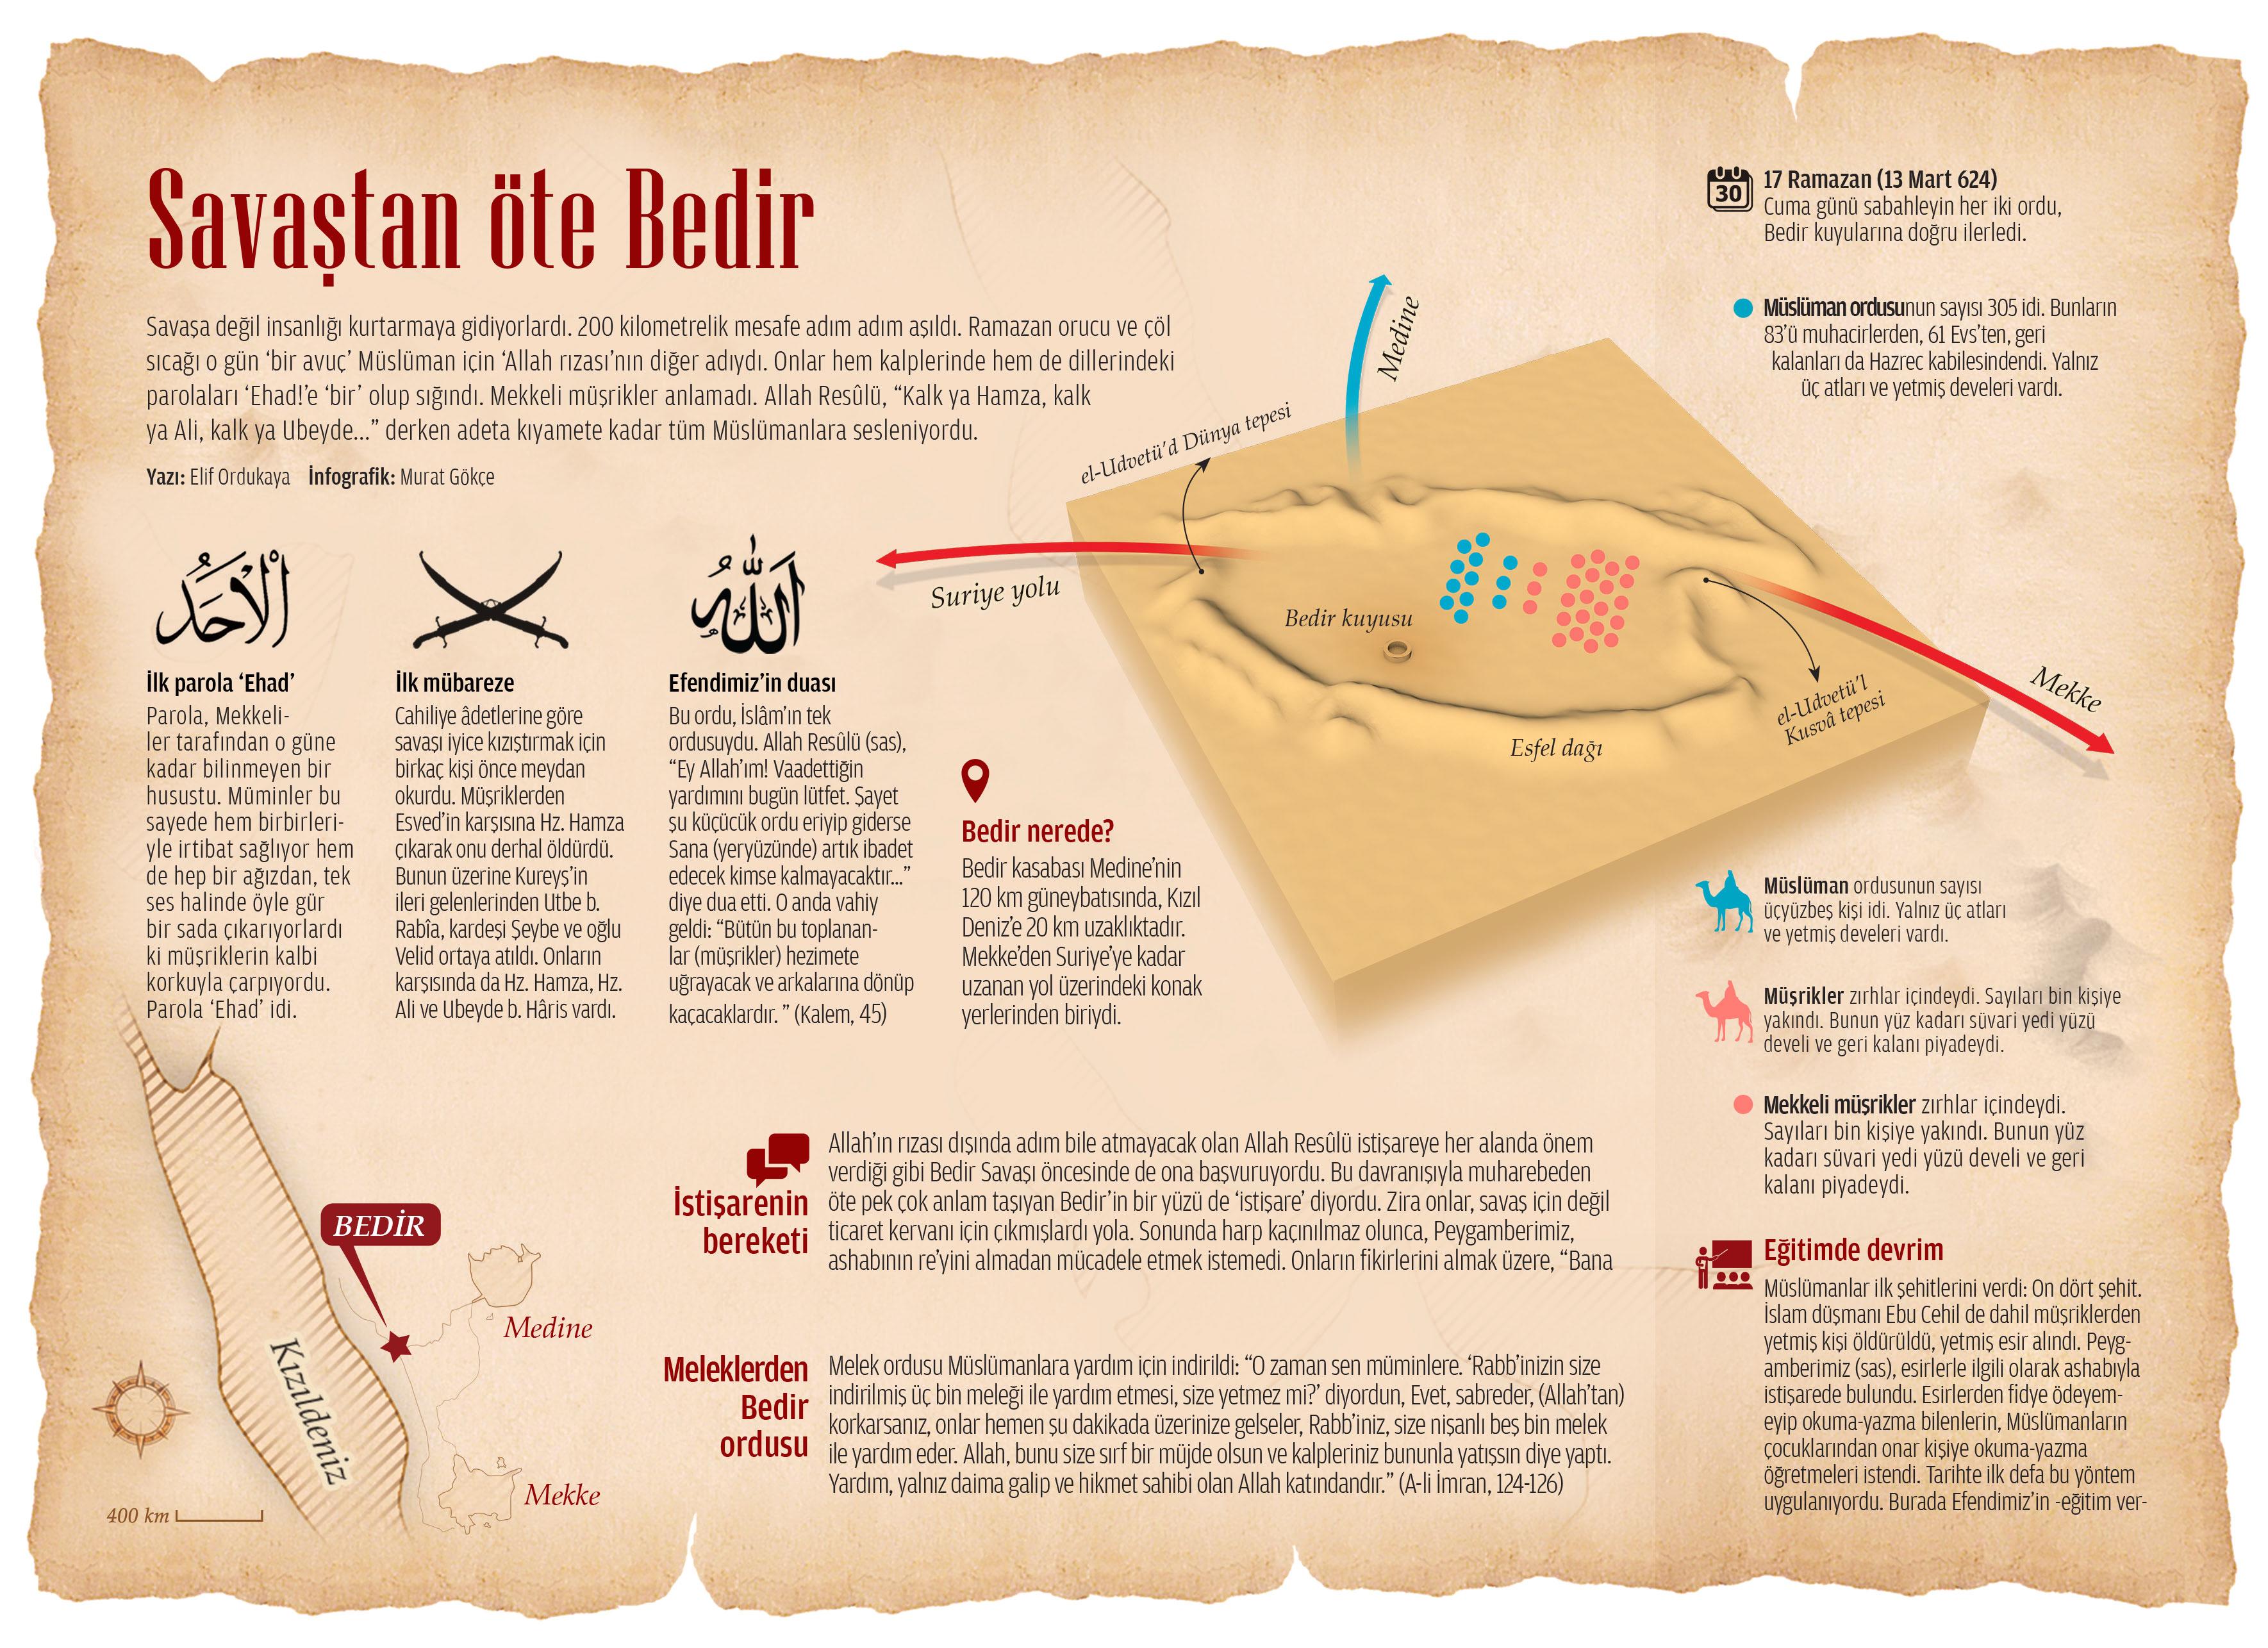 bedir-savasi-infographics